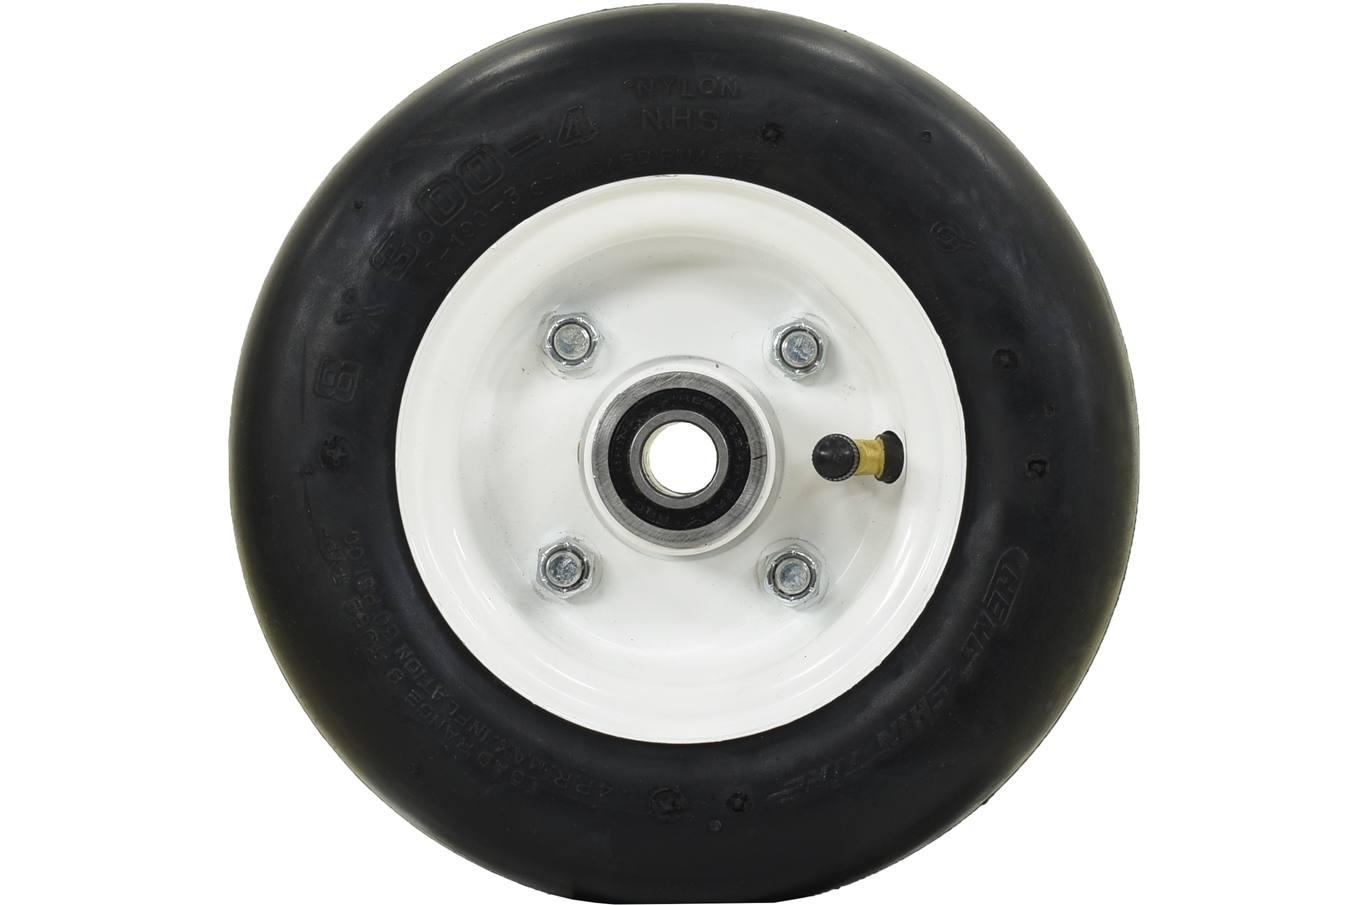 2019 Walker Mowers Pneumatic Deck Tire - 5715-17 for sale in